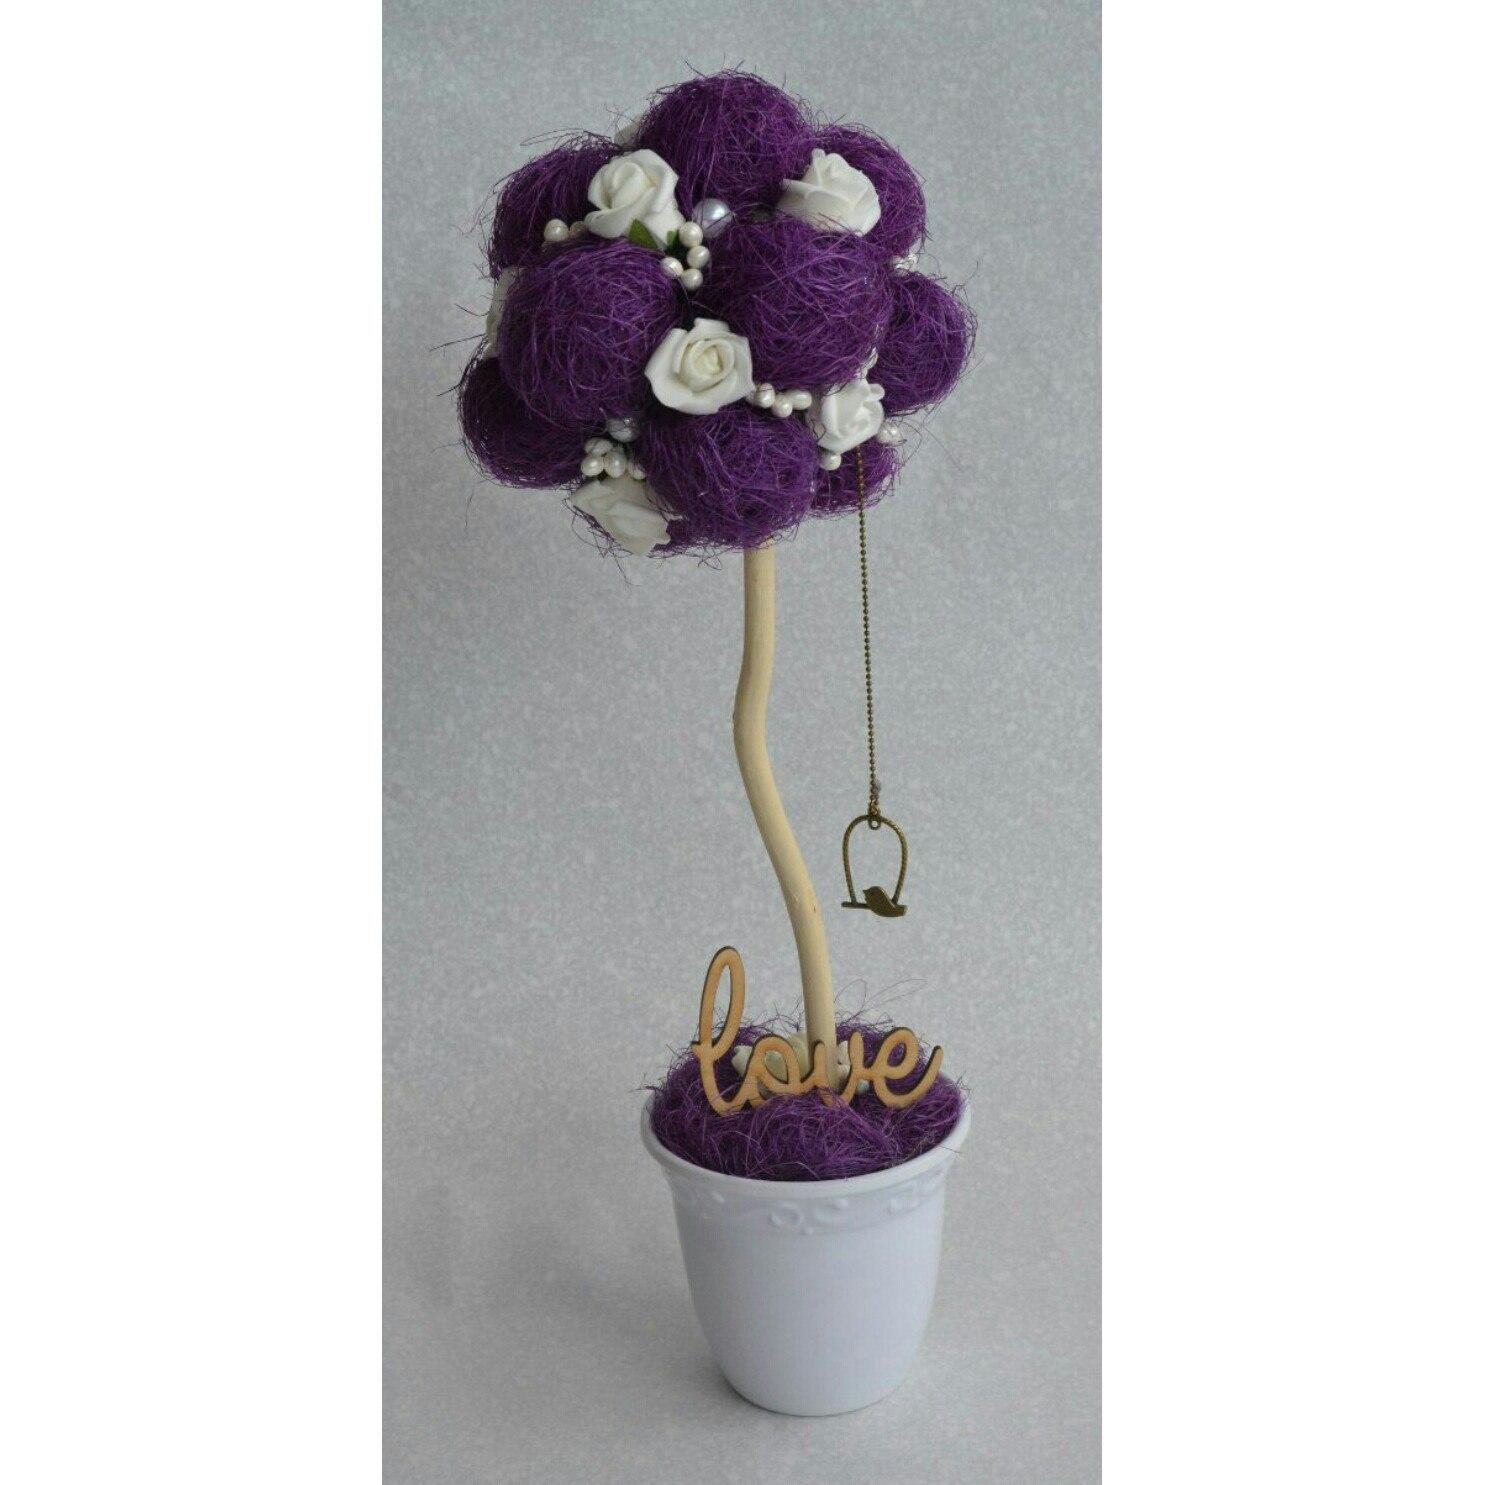 сюрприз морскойстиль деревосчастья топиарий букет прованс цветы подарок